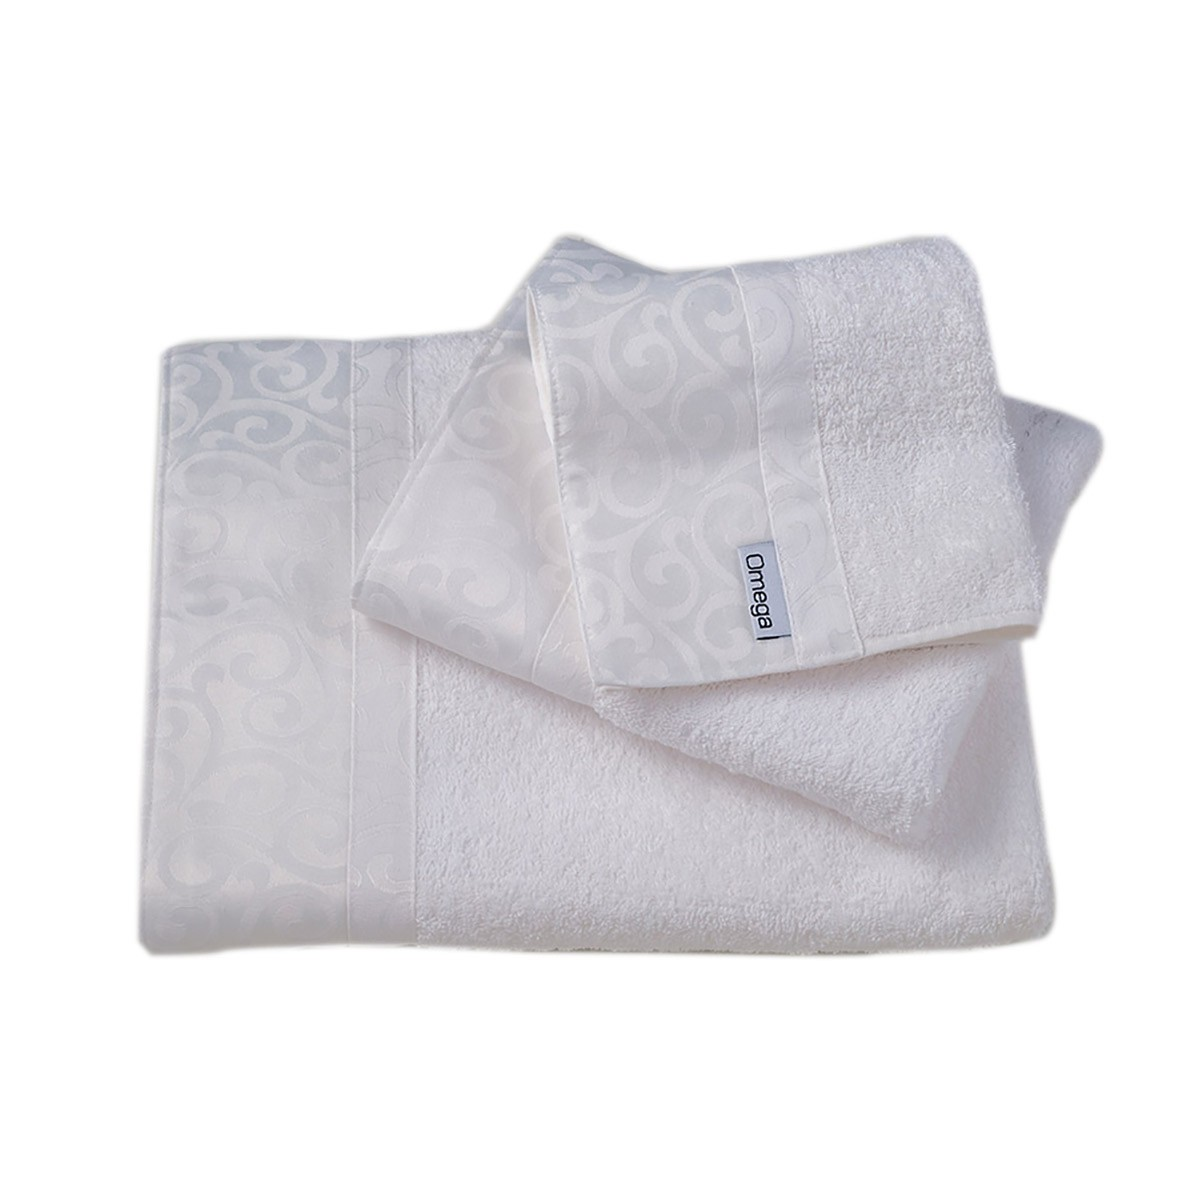 Πετσέτες Μπάνιου (Σετ 3τμχ) Omega Home Des 112